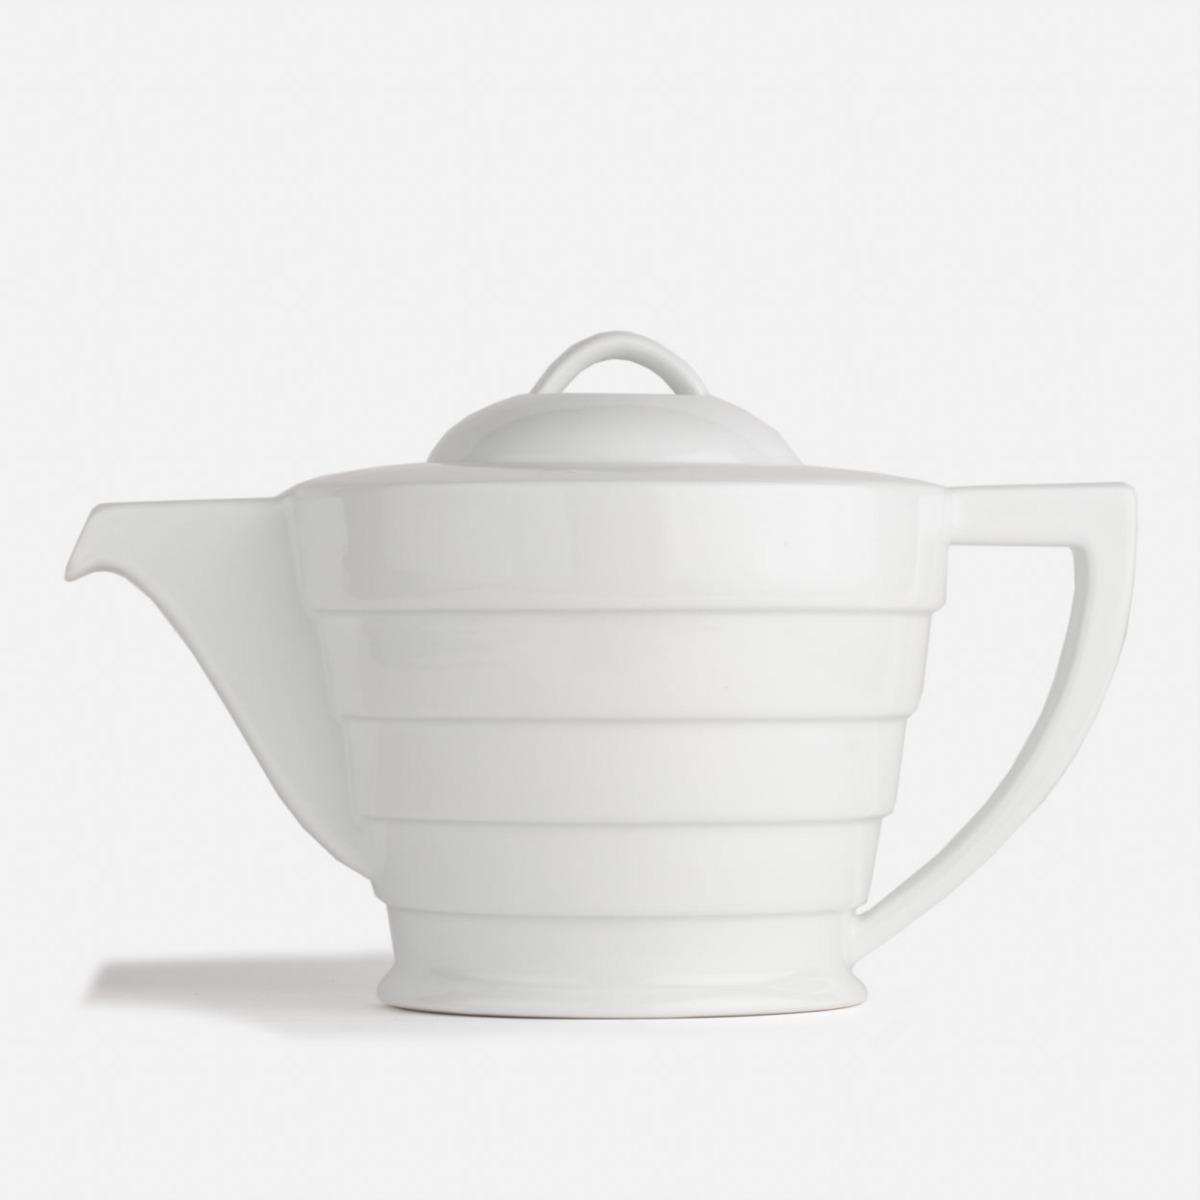 Guggenheim Spiral Teapot